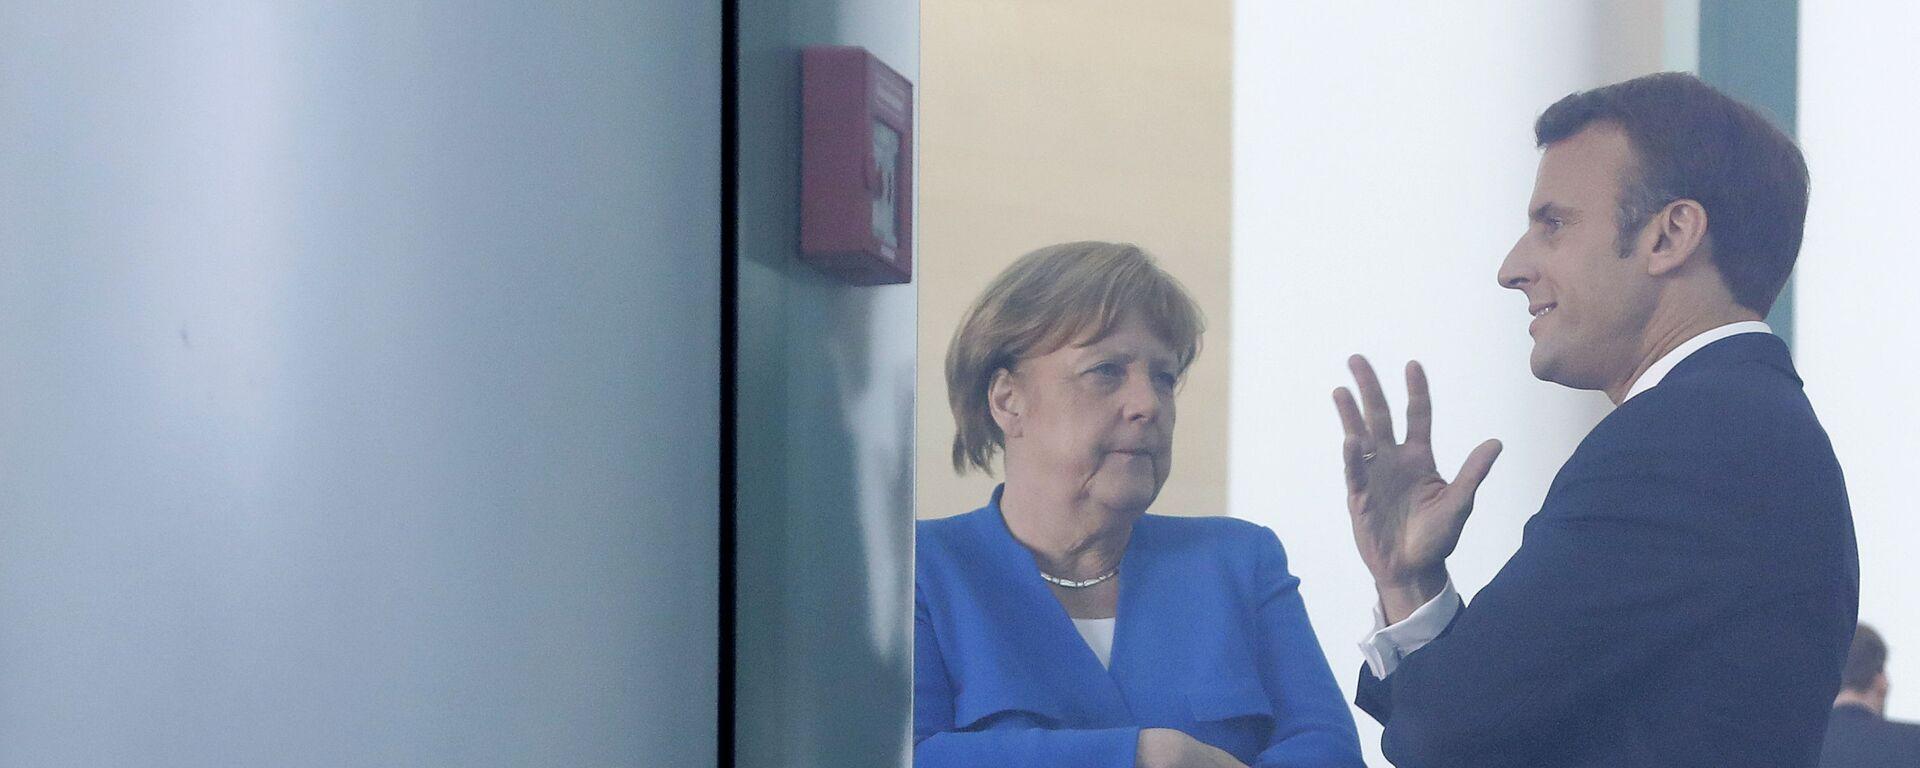 Президент Франции Эммануэль Макрон и канцлер Германии Ангела Меркель - Sputnik Таджикистан, 1920, 25.02.2021